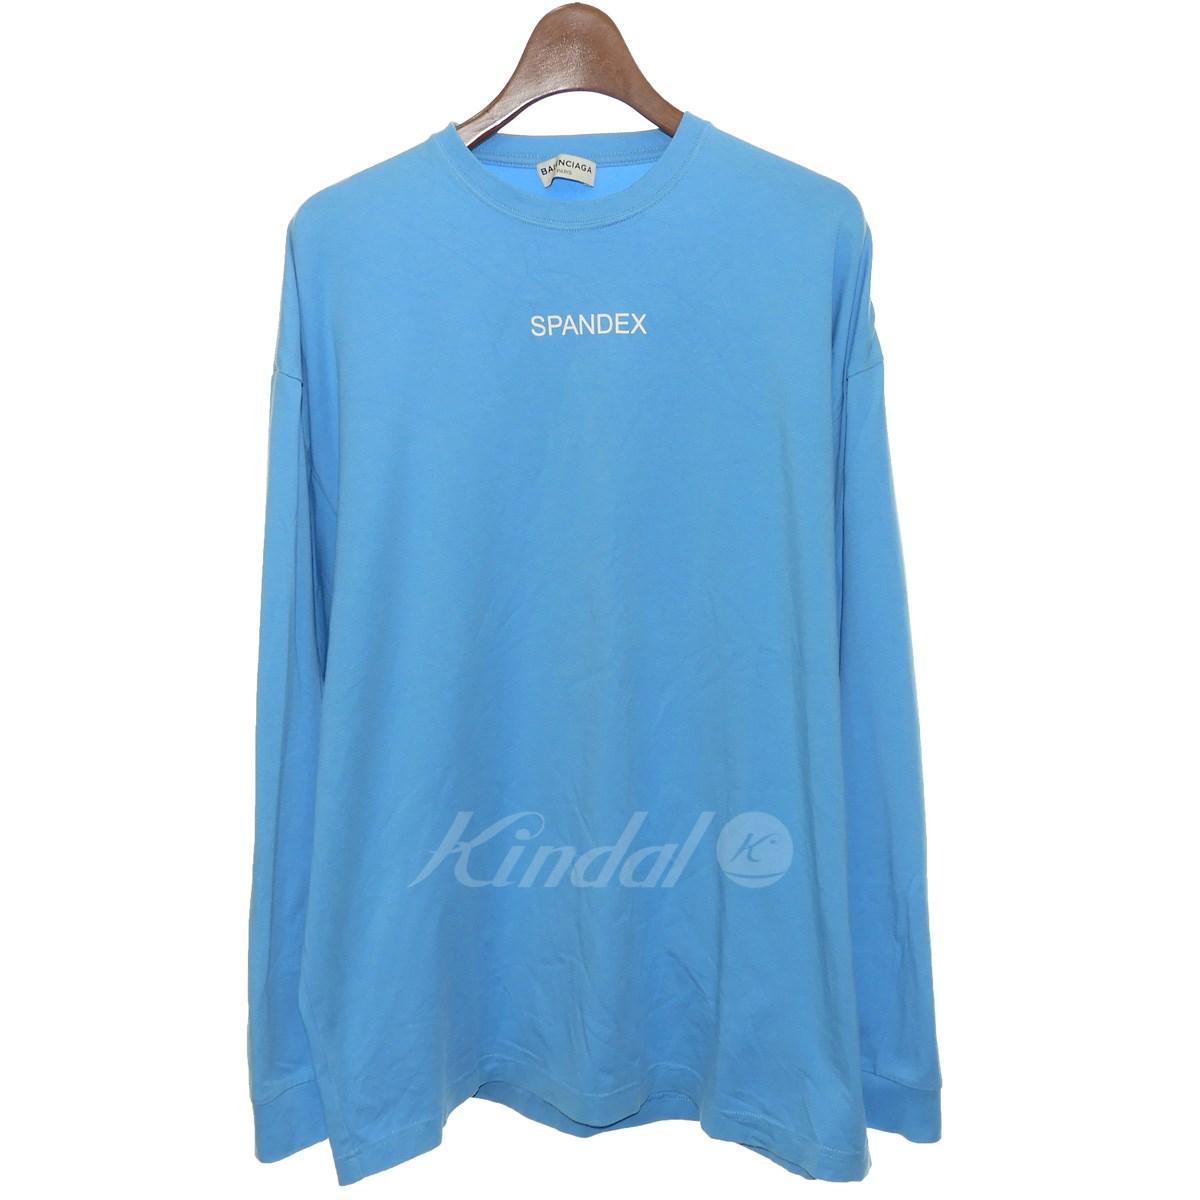 【中古】BALENCIAGA 2017SS SPANDEX長袖Tシャツ ブルー サイズ:L 【送料無料】 【051018】(バレンシアガ)